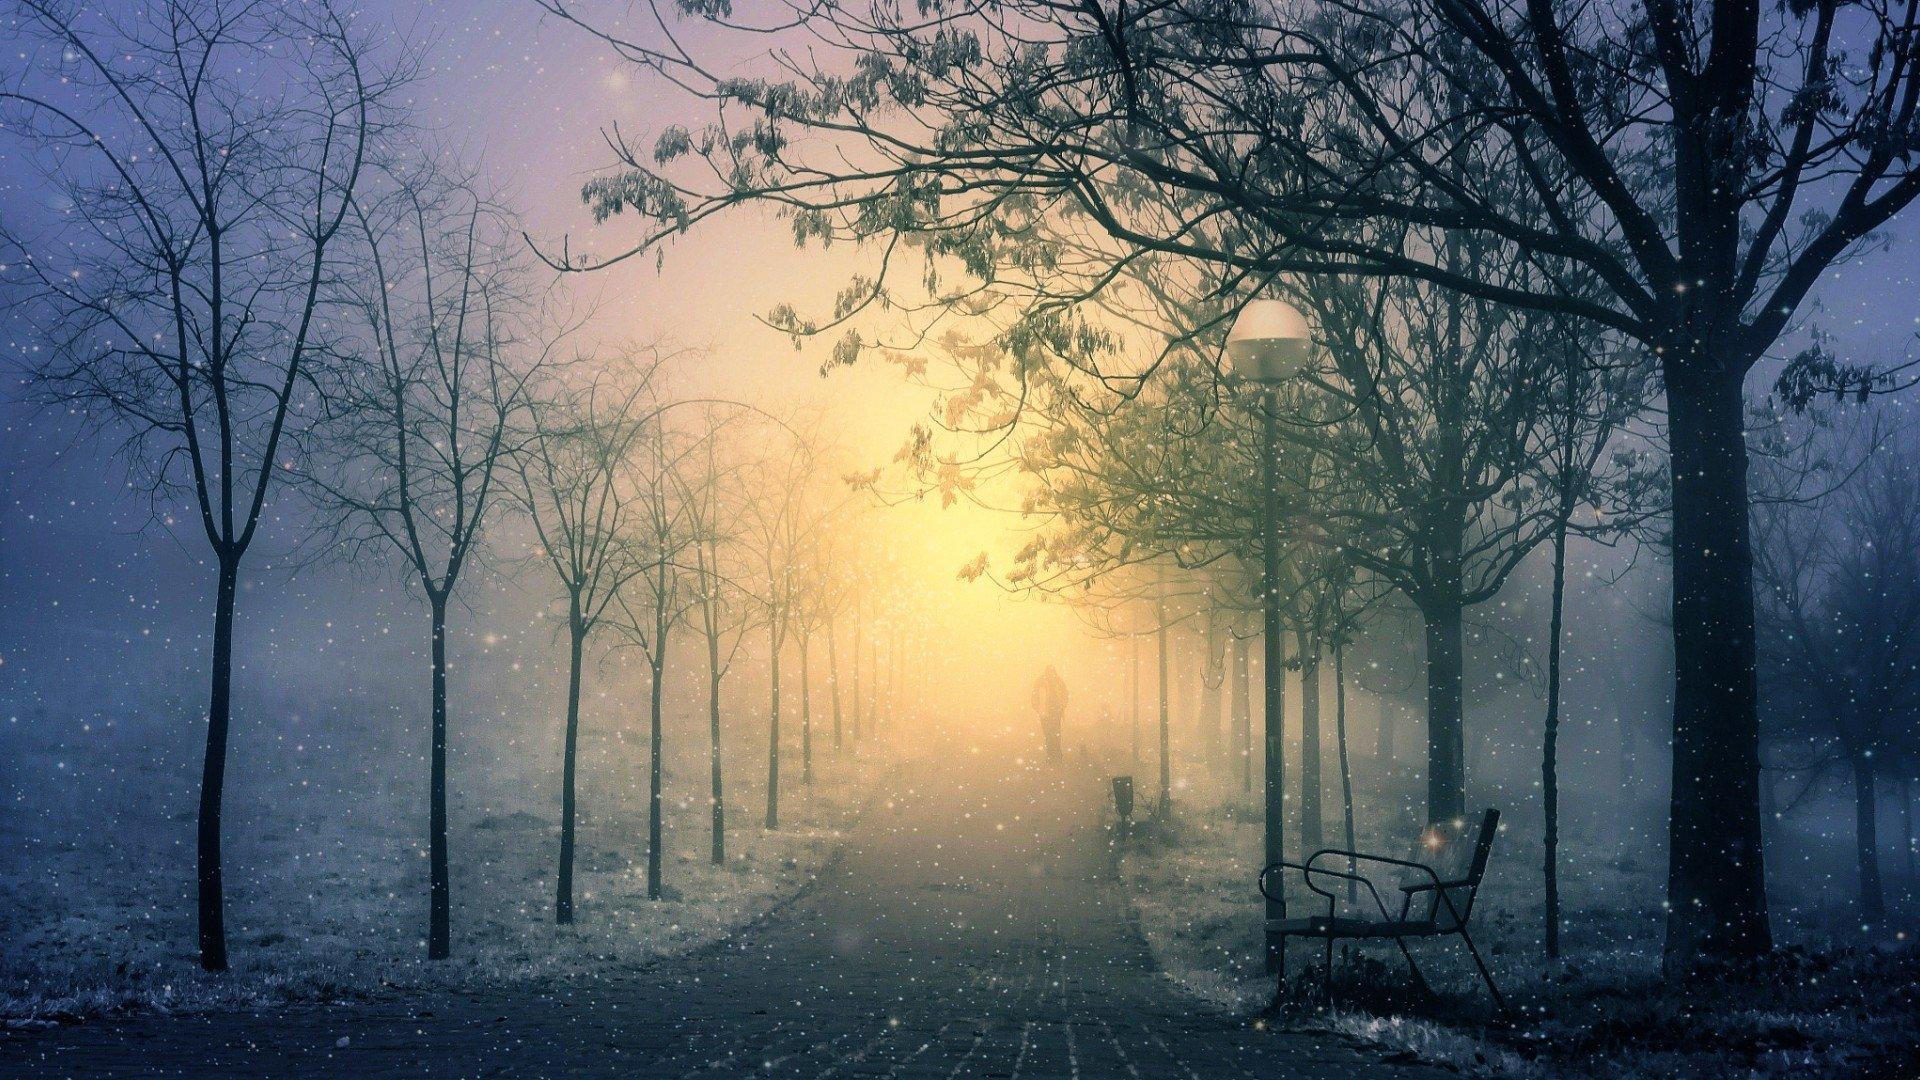 Earth - Winter  Snow Earth Night Park Fog Snowfall Wallpaper